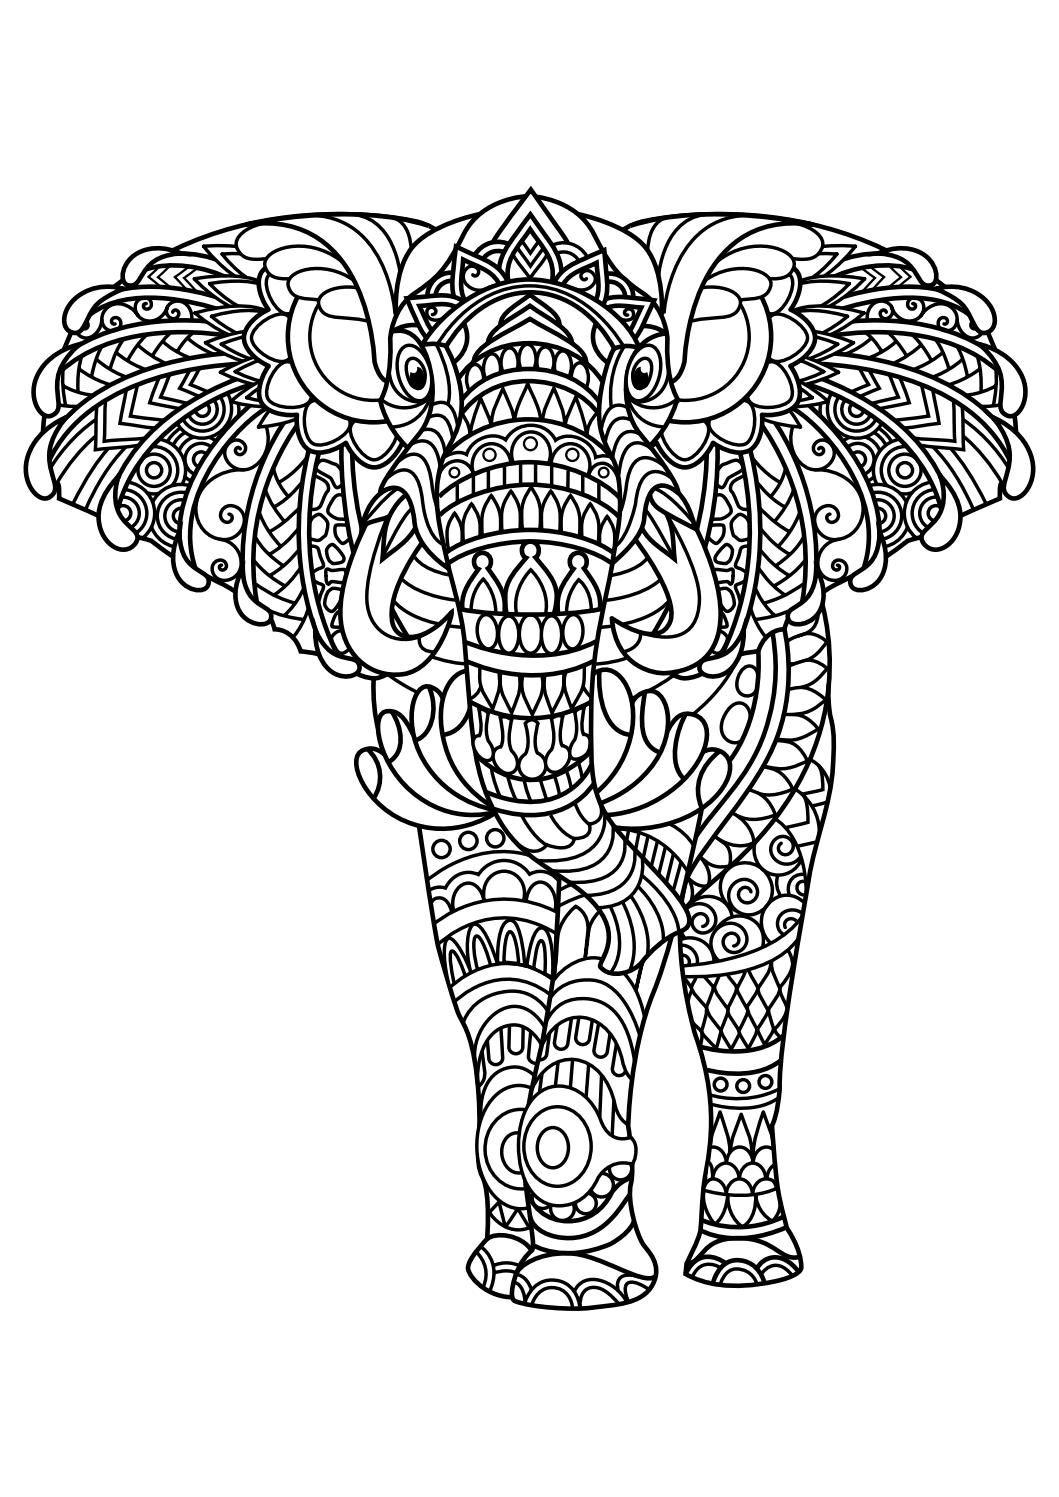 Malvorlagen Elefant Pdf - tiffanylovesbooks